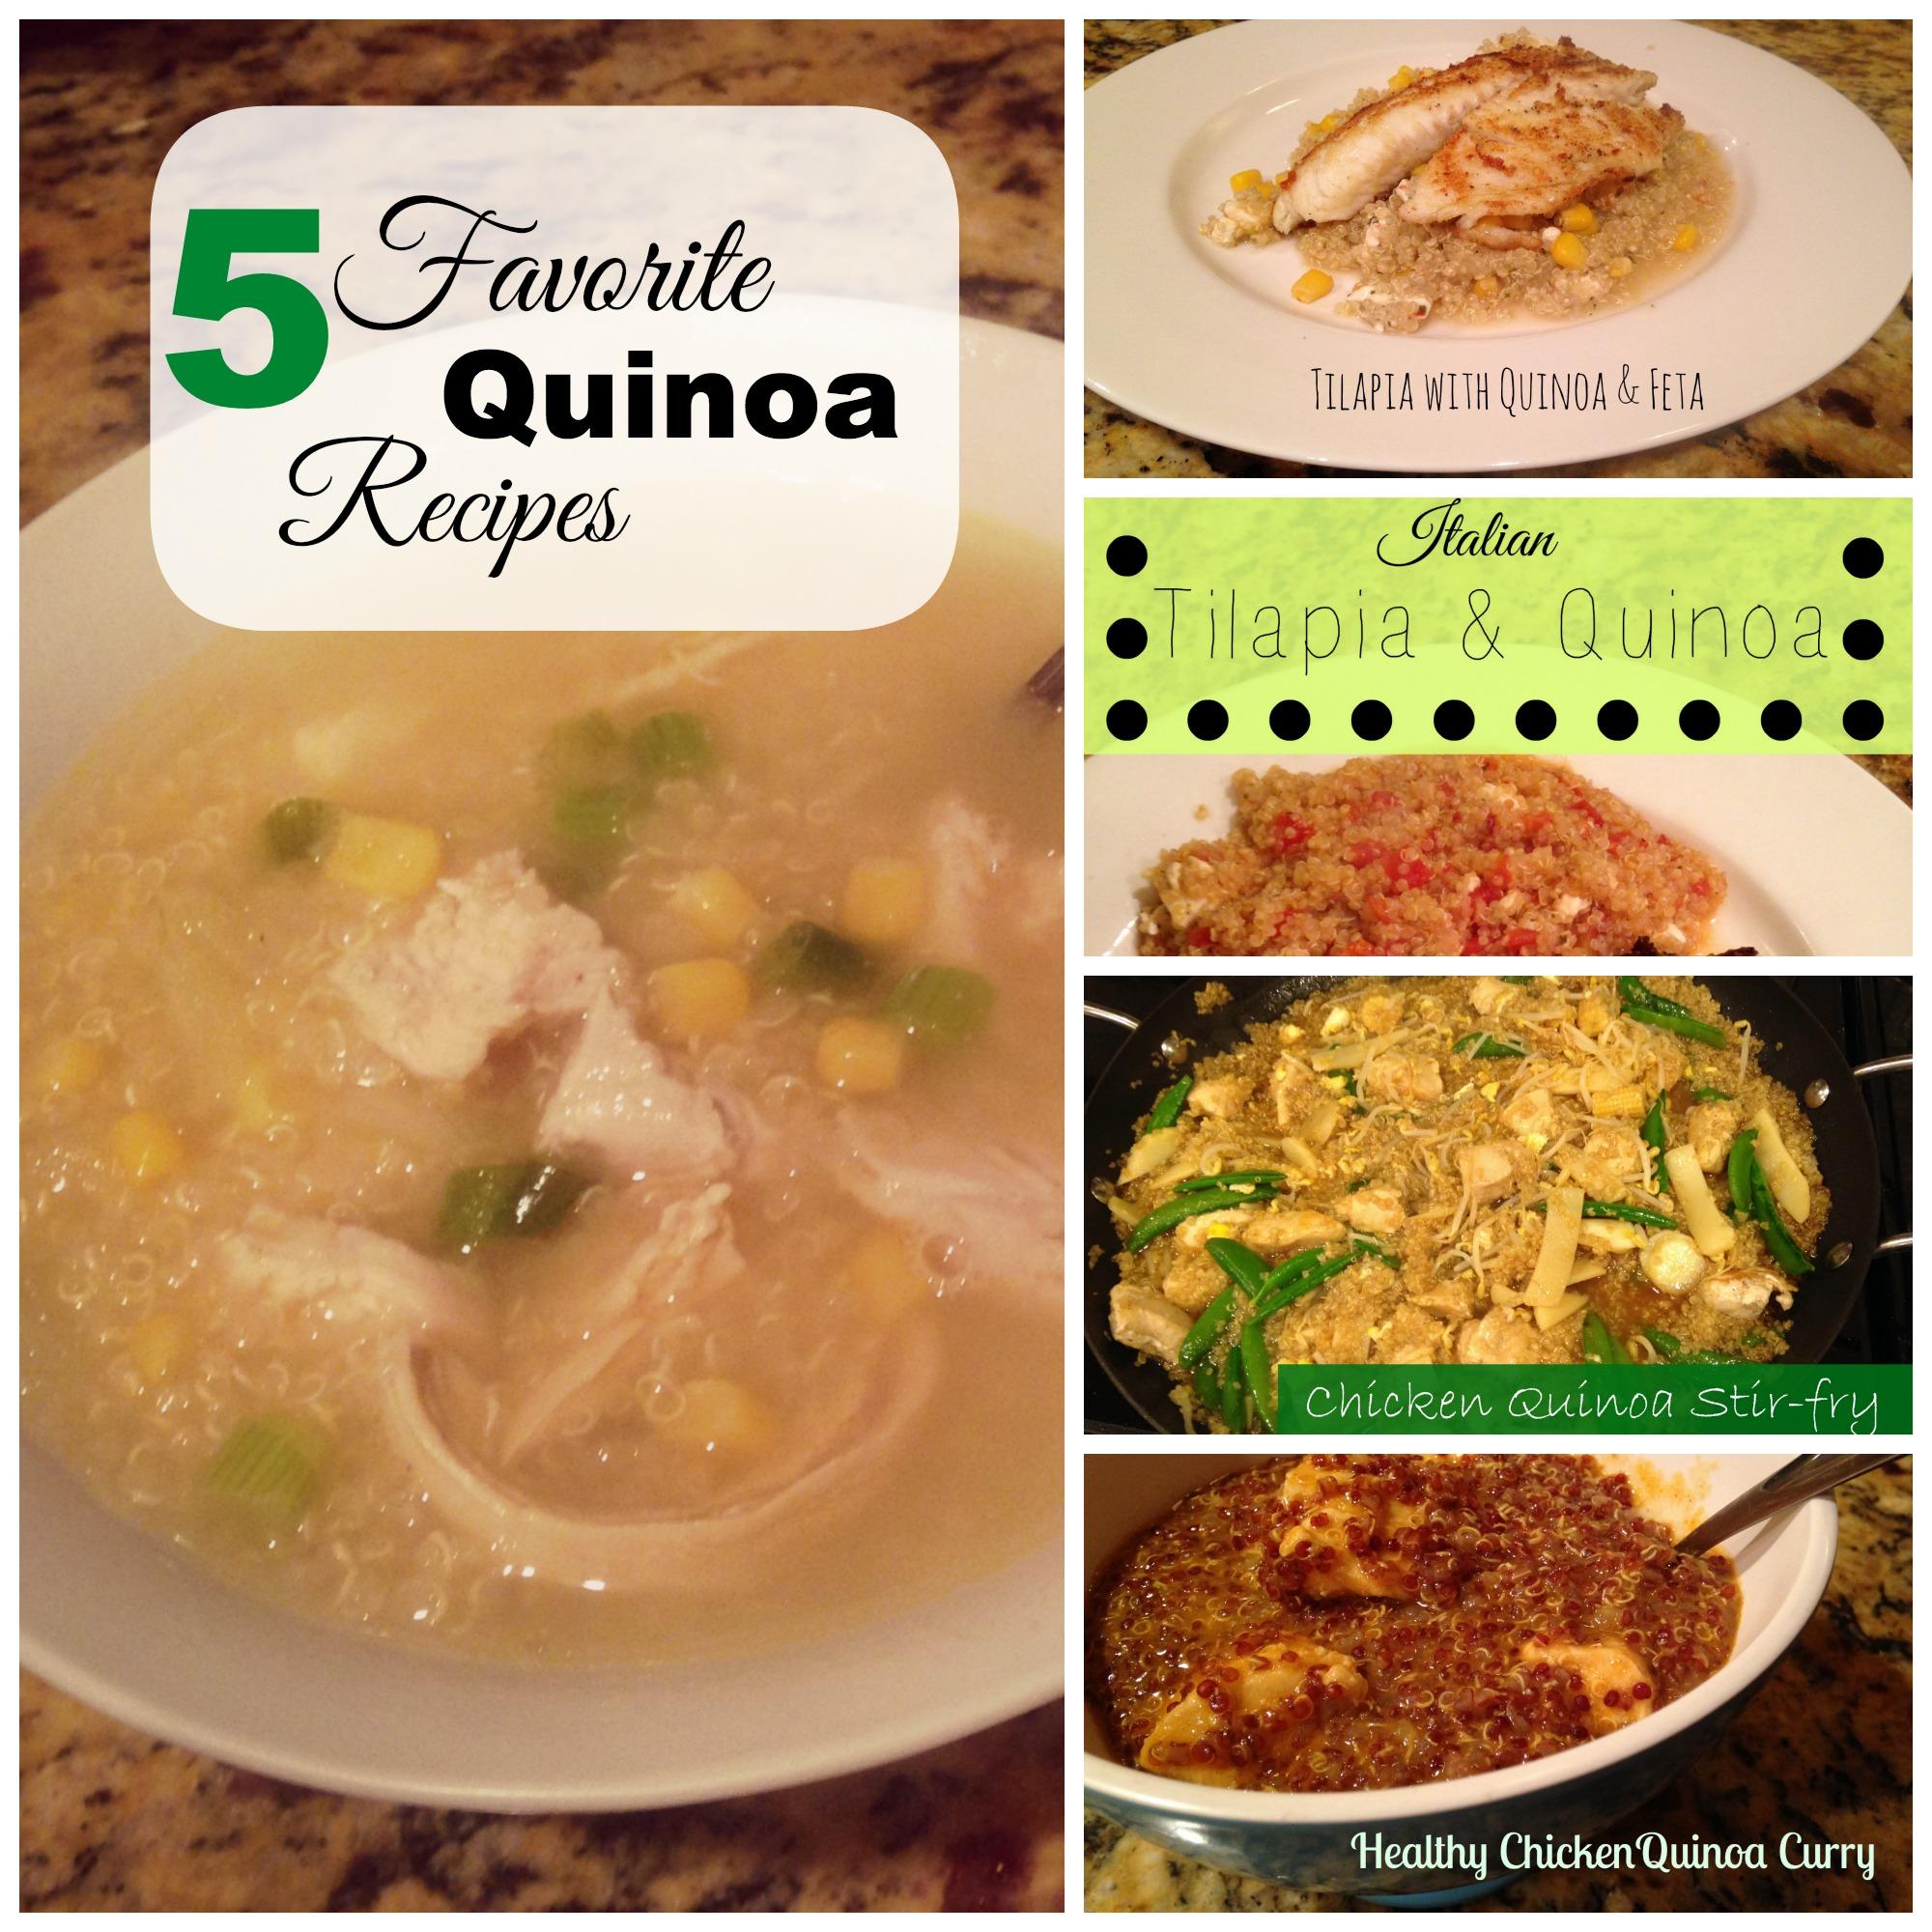 5 favorite quinoa recipes